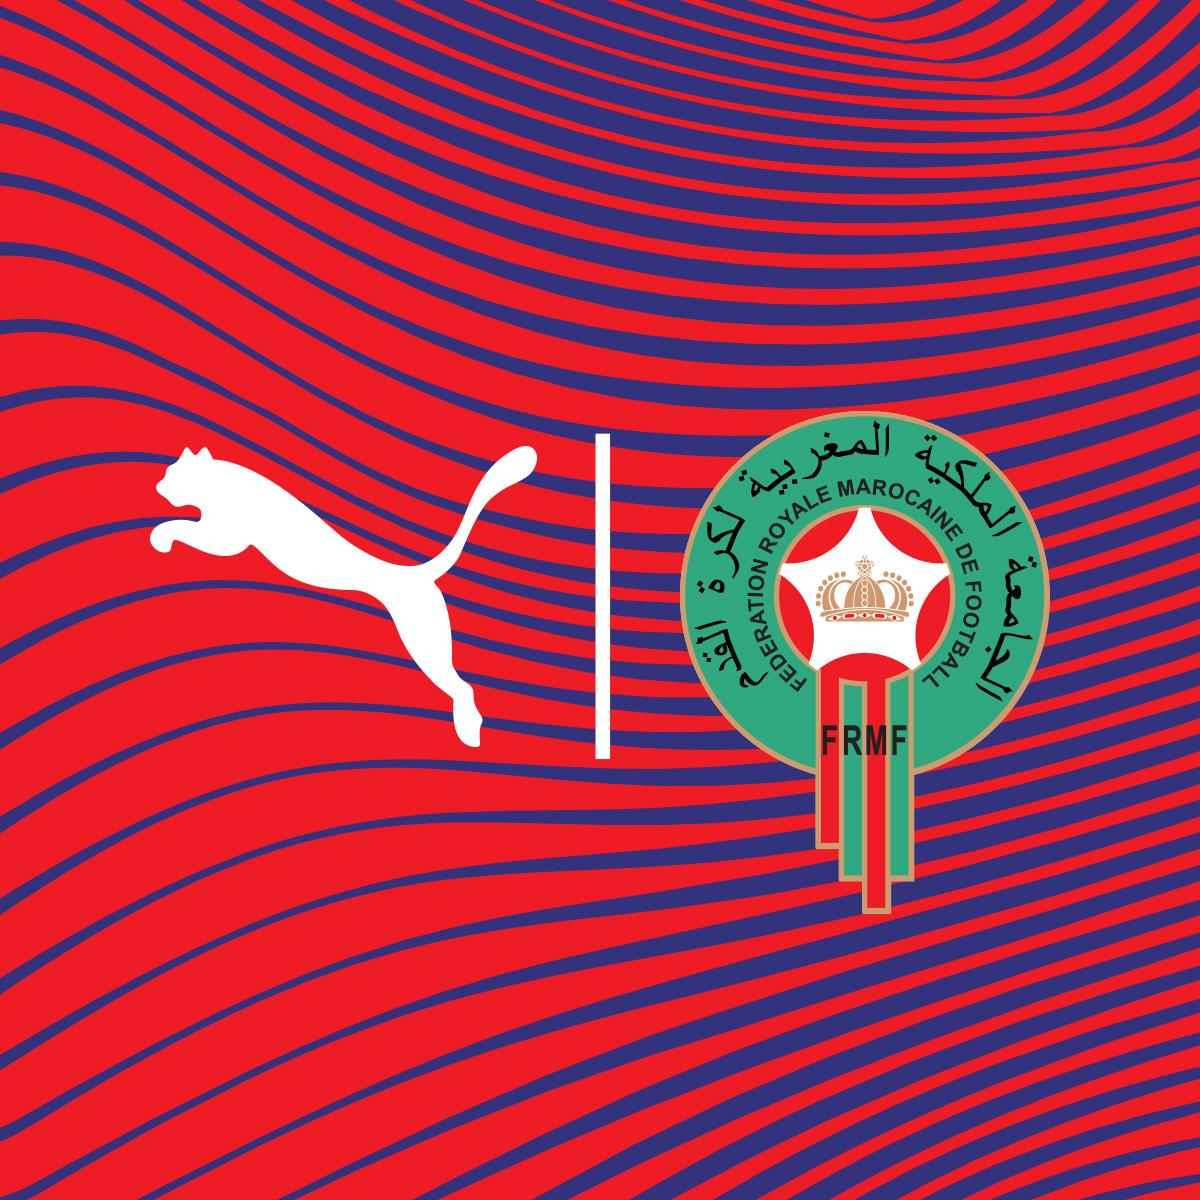 PUMA x Fédération Royale Marocaine de Football